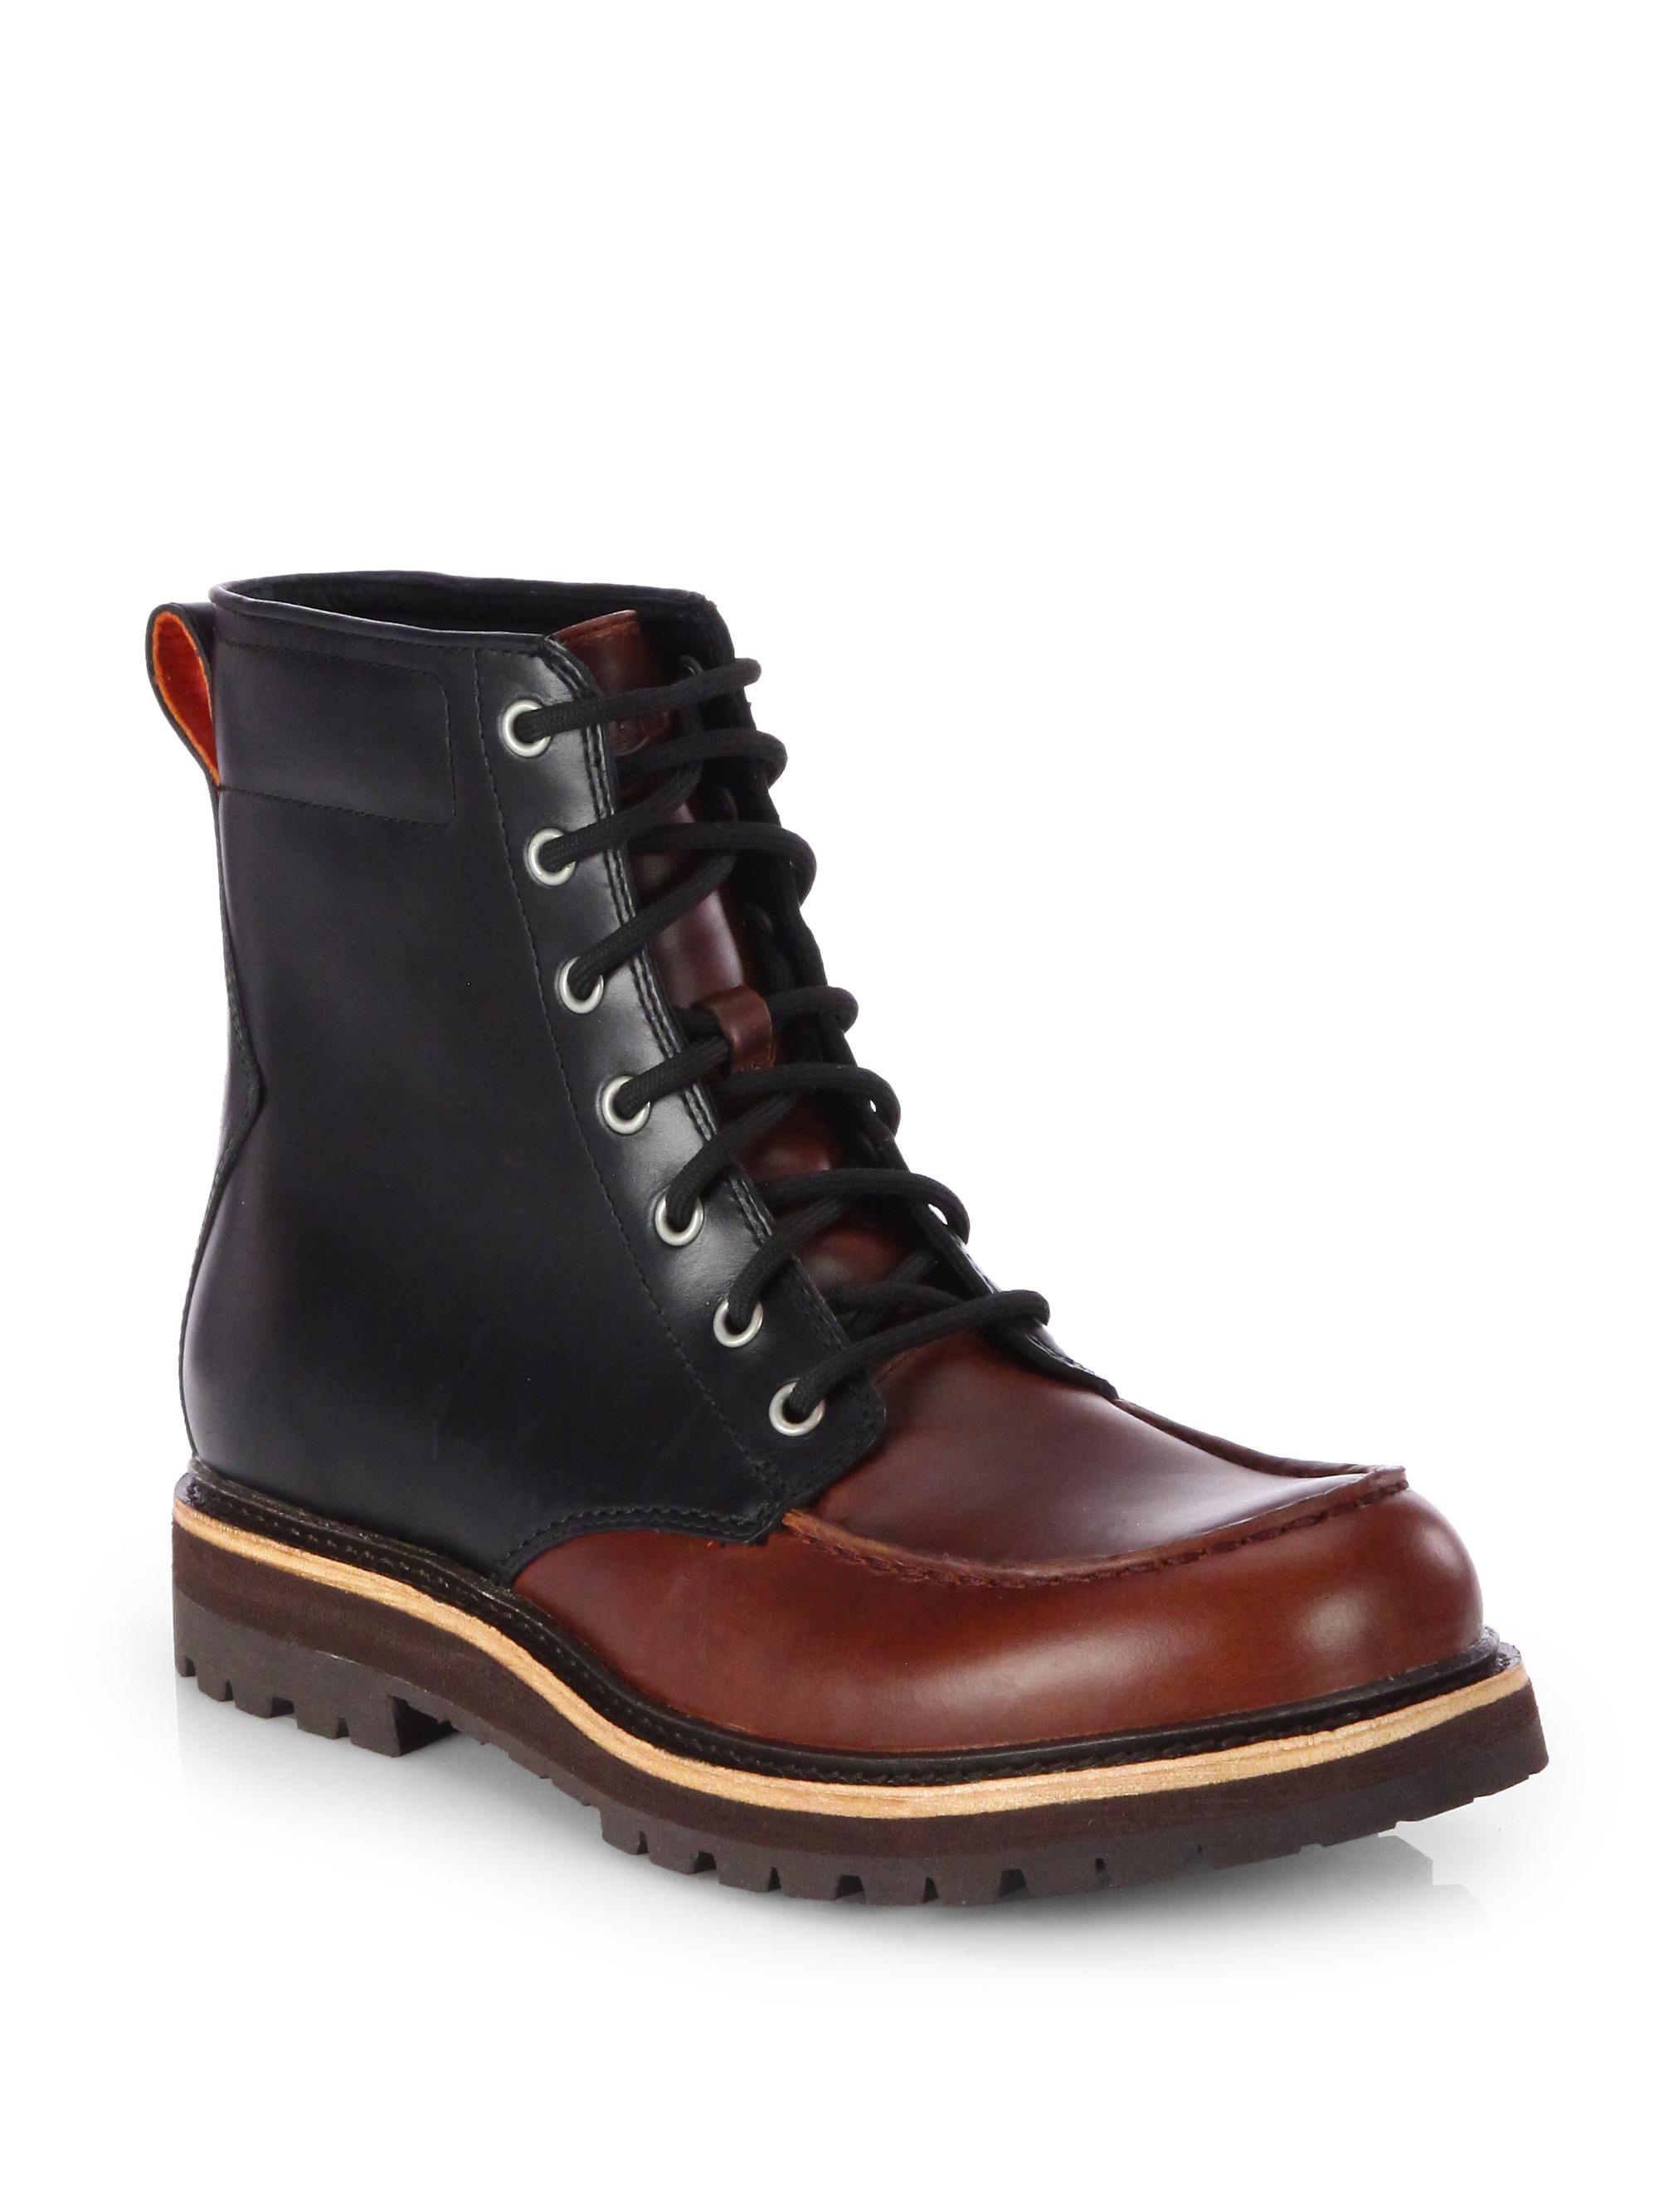 Lyst Ugg Noxon Waterproof Boots In Brown For Men